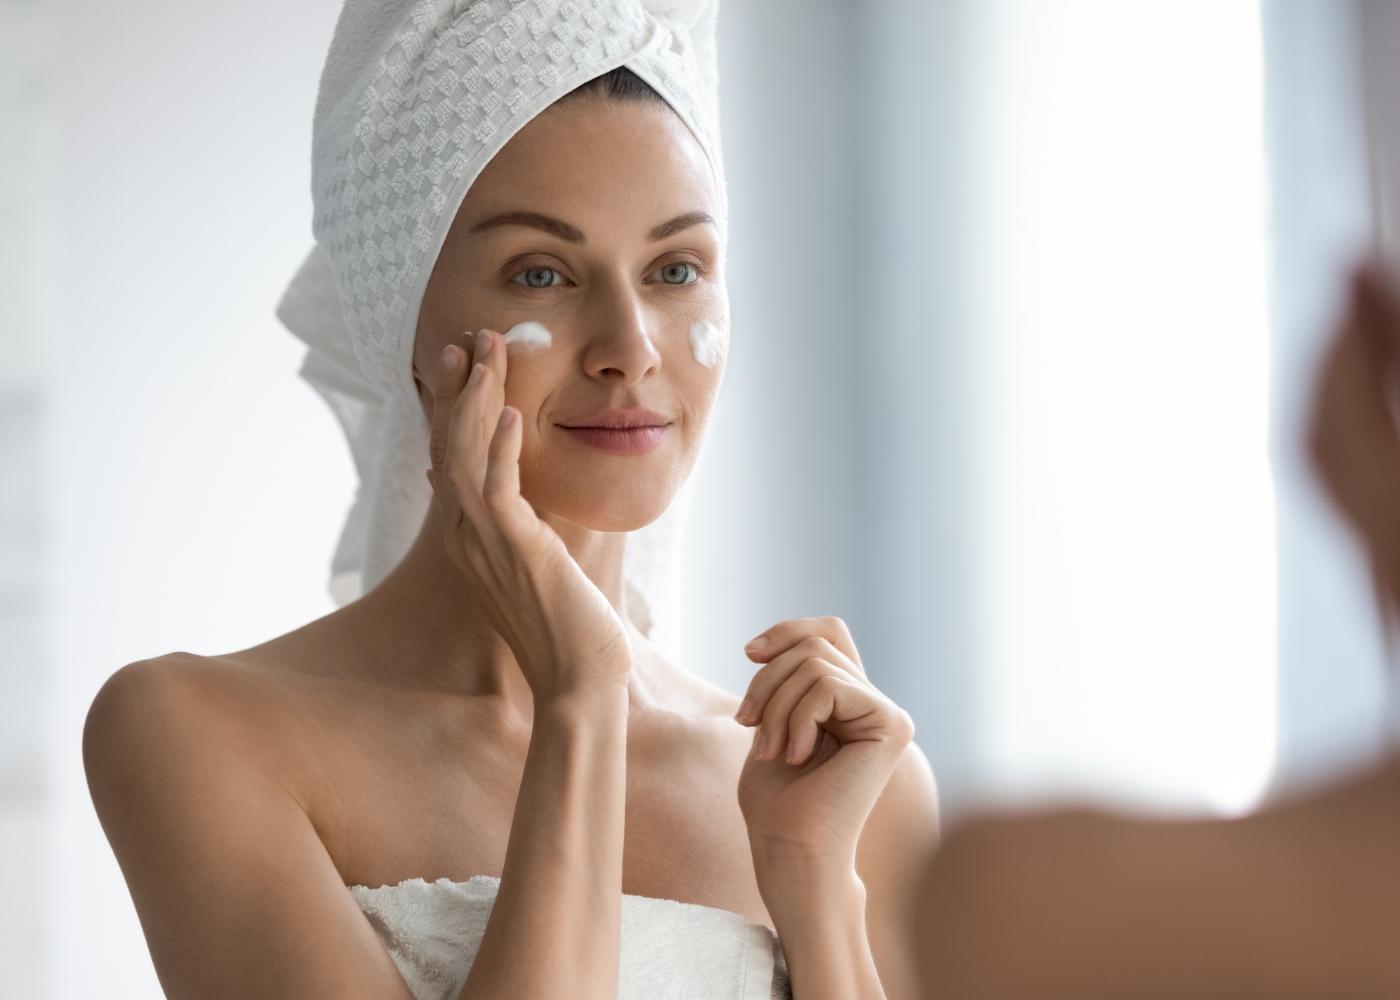 mulher a colocar primer antes da maquilhagem